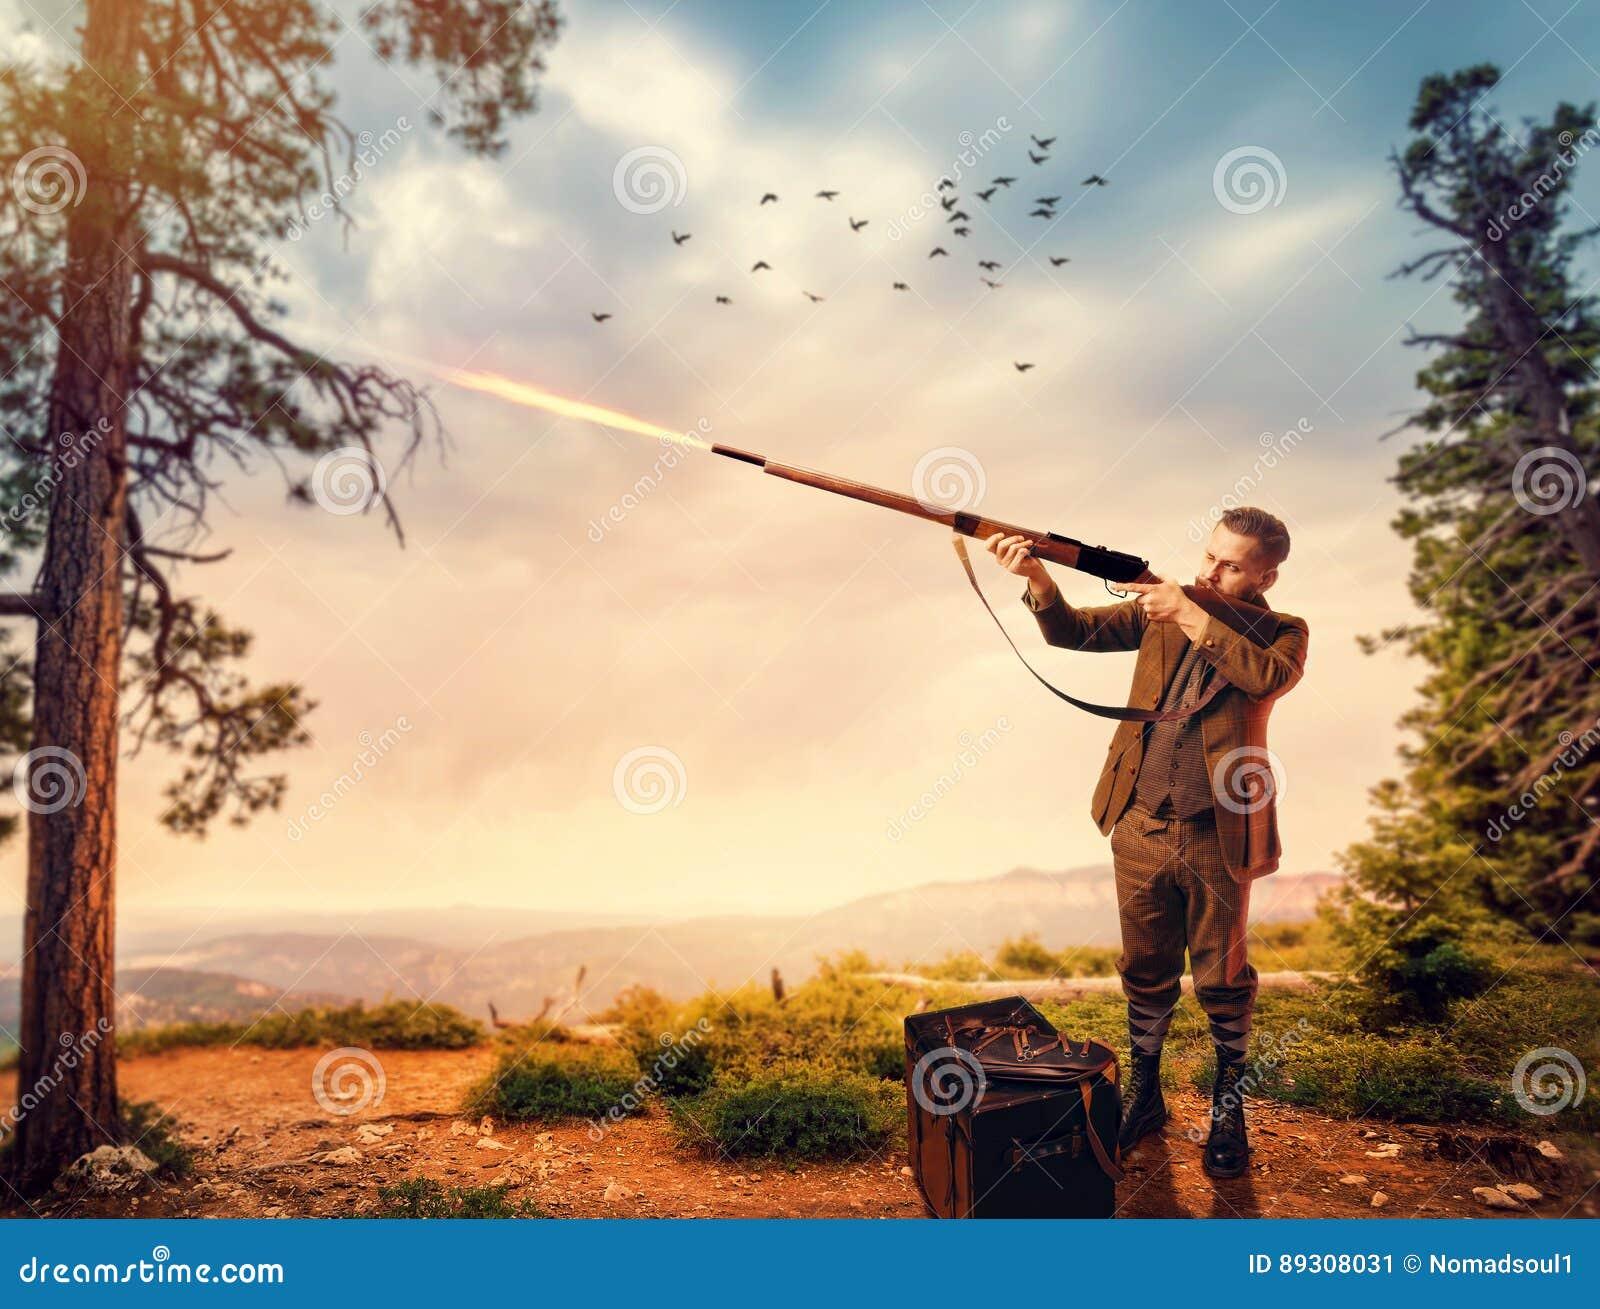 Il Cacciatore Dell Anatra In Abbigliamento Di Caccia Tende Un Vecchio Fucile Immagine Stock Immagine Di Obiettivi Barba 89308031